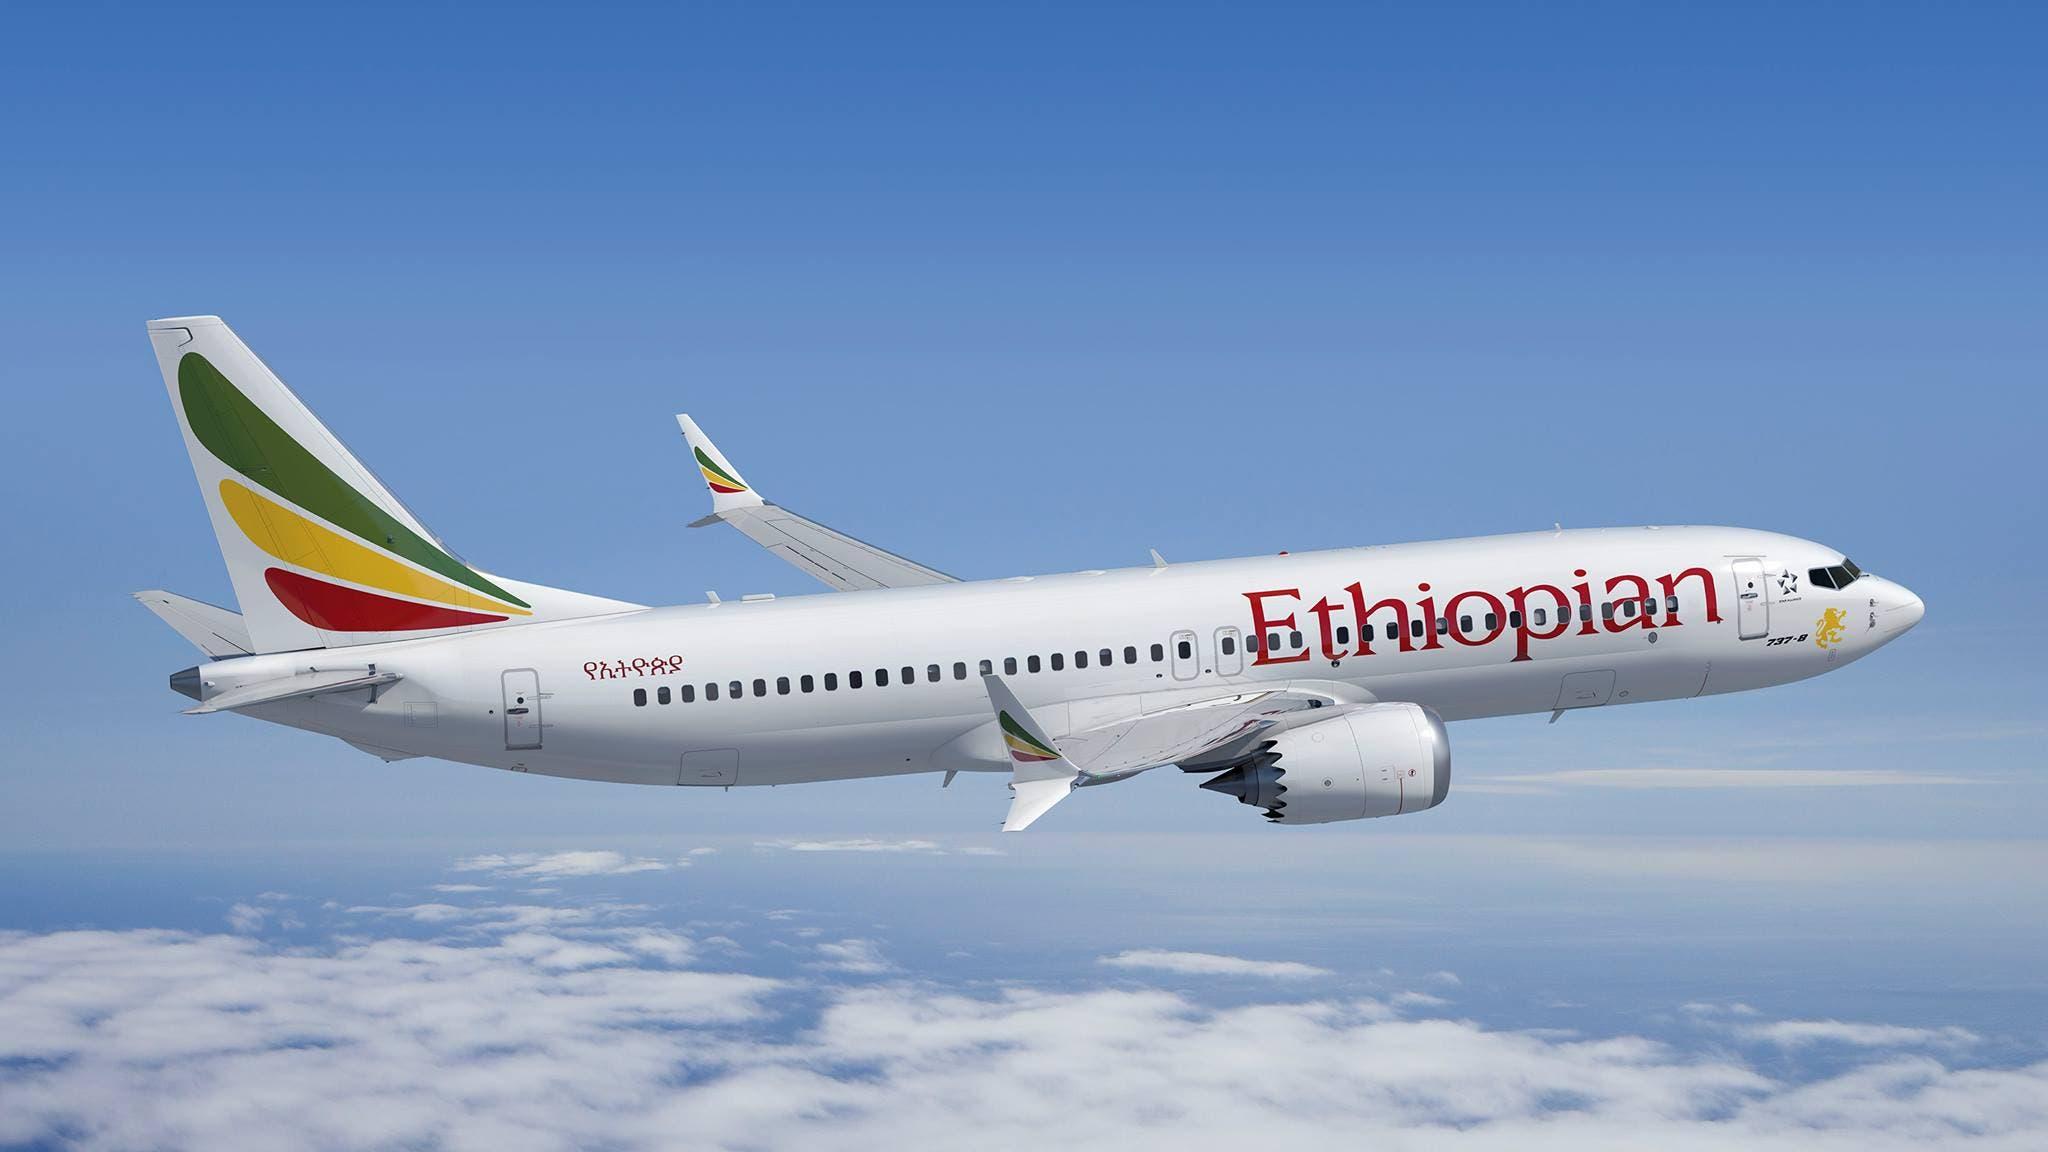 Ethiopian Airlines oo mar kale maanta u gaftay madax-banaanida Soomaaliya